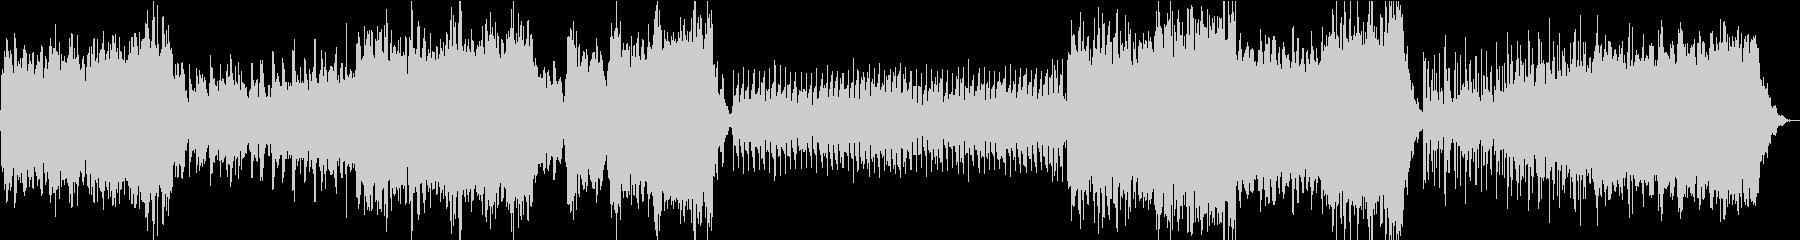 星空のアンビエントBGMの未再生の波形